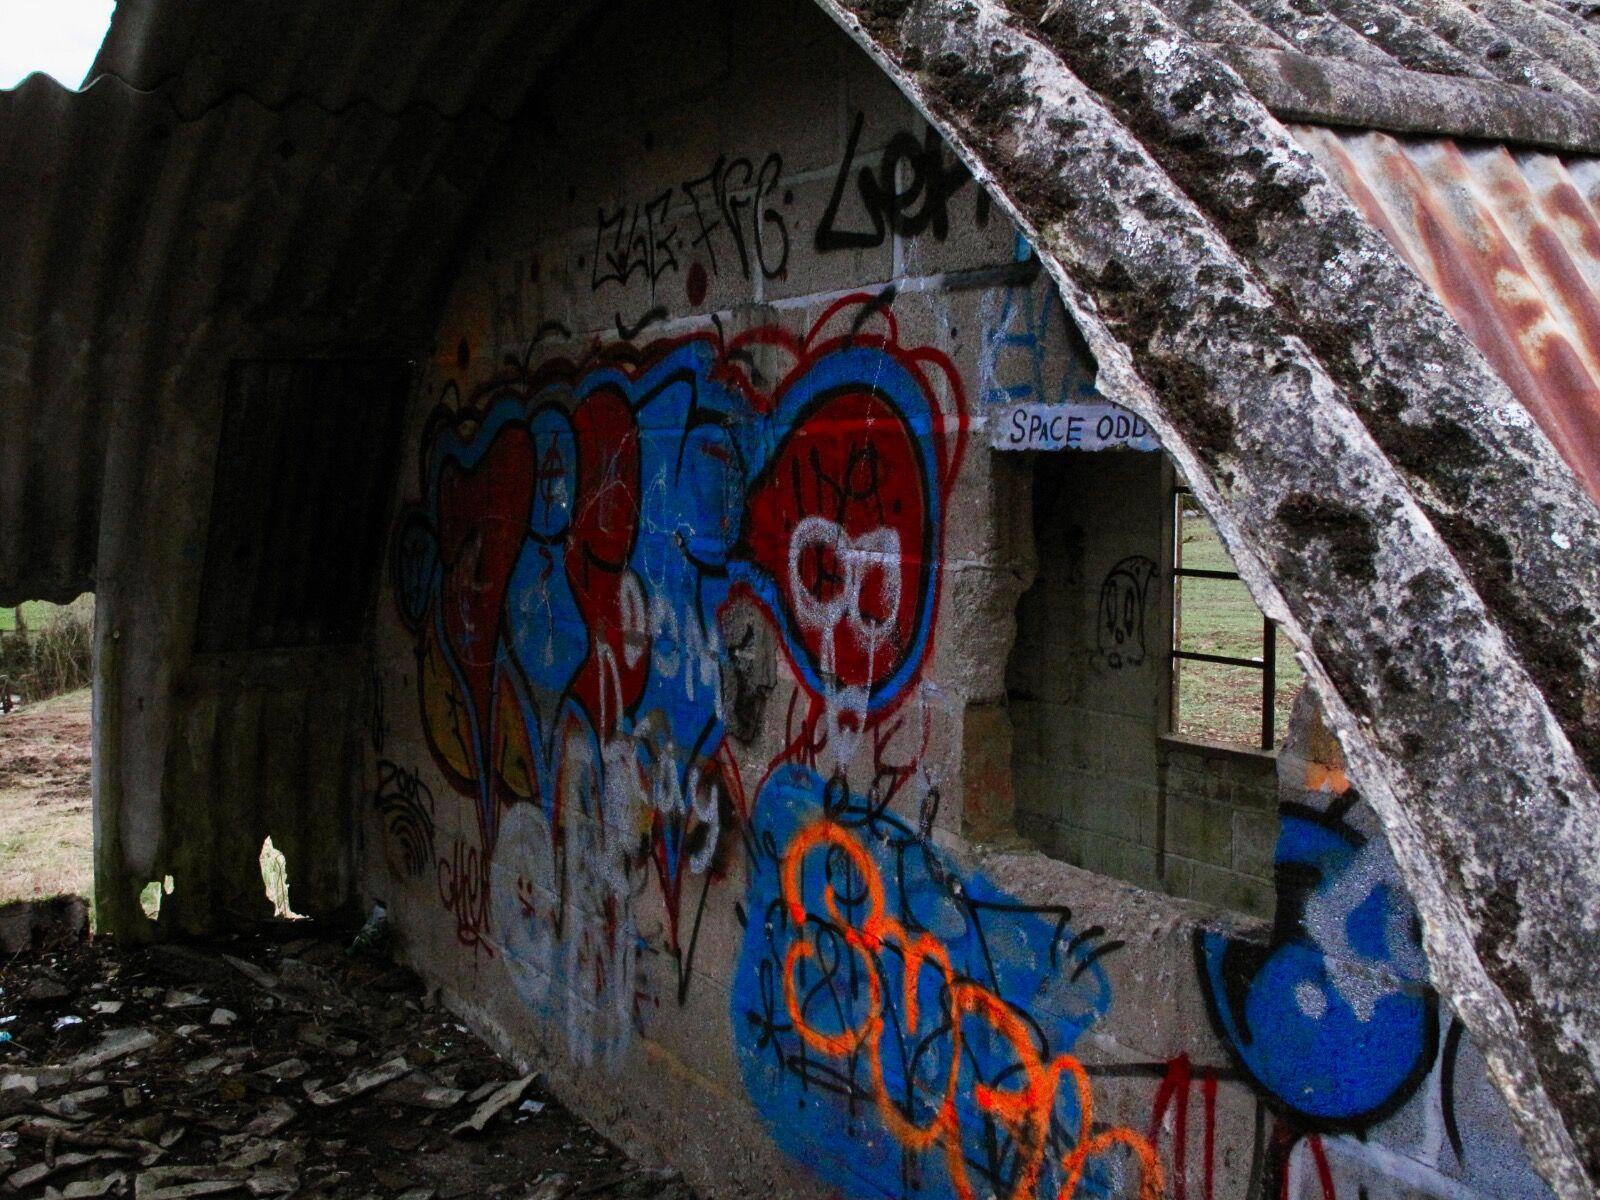 Cowshed Graffiti / 3